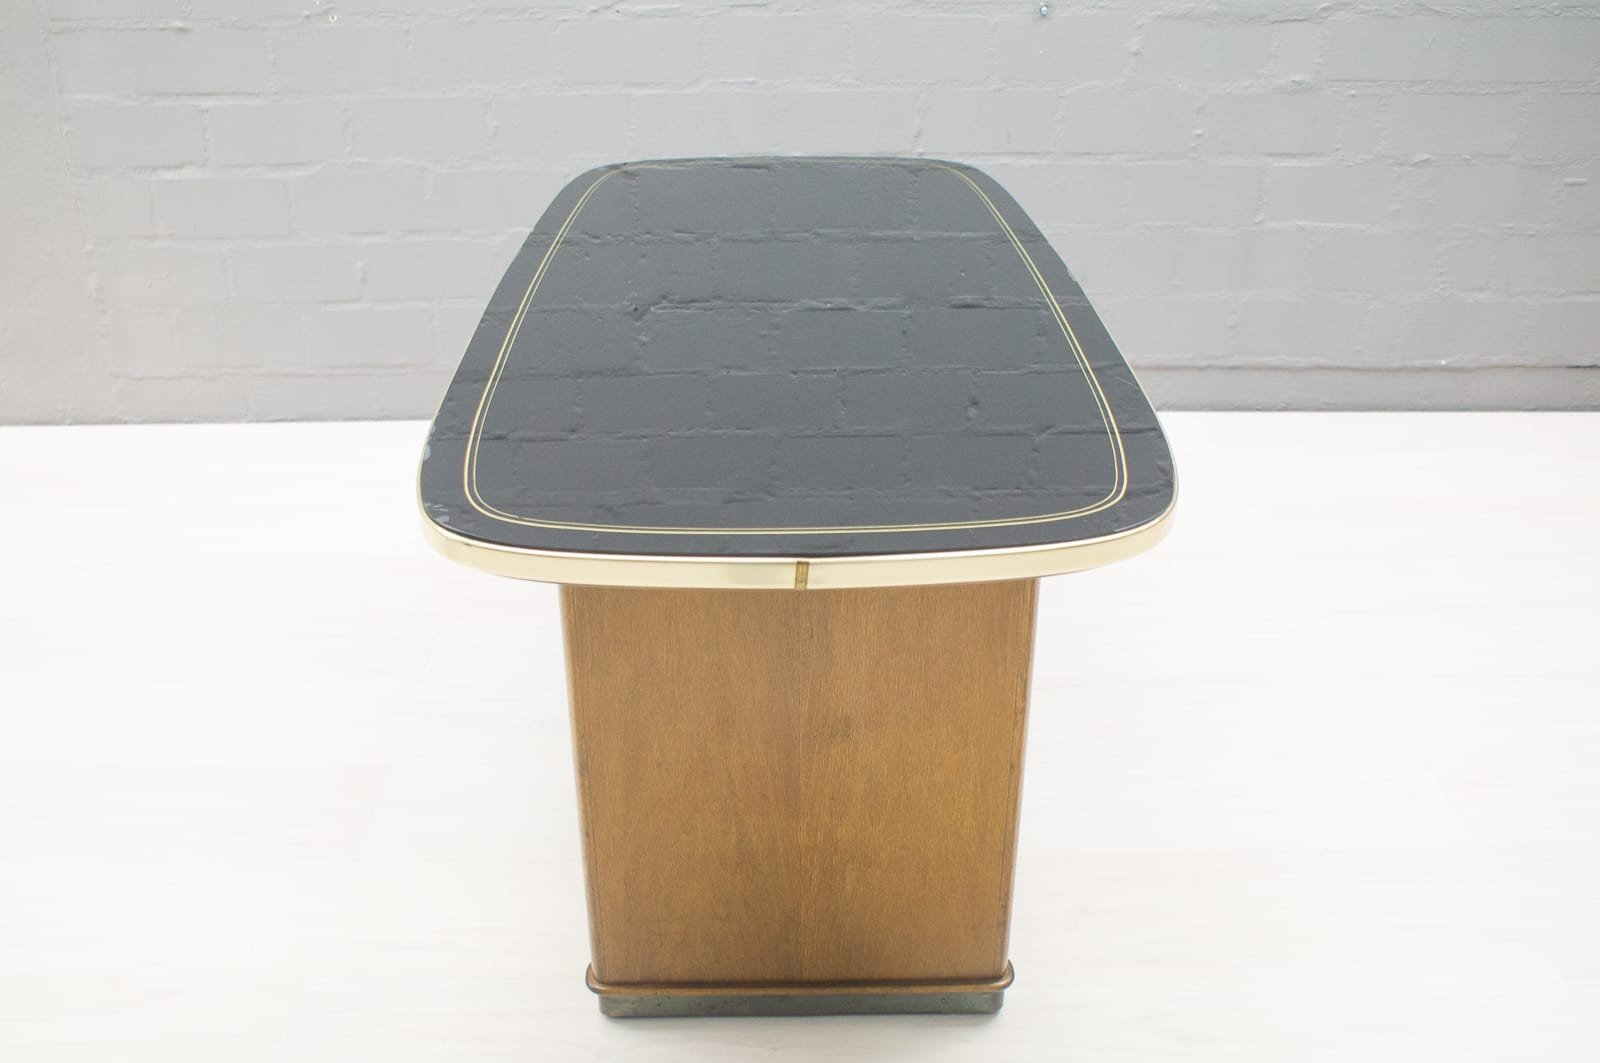 mid century couchtisch mit schwarzer glasplatte bei pamono kaufen. Black Bedroom Furniture Sets. Home Design Ideas